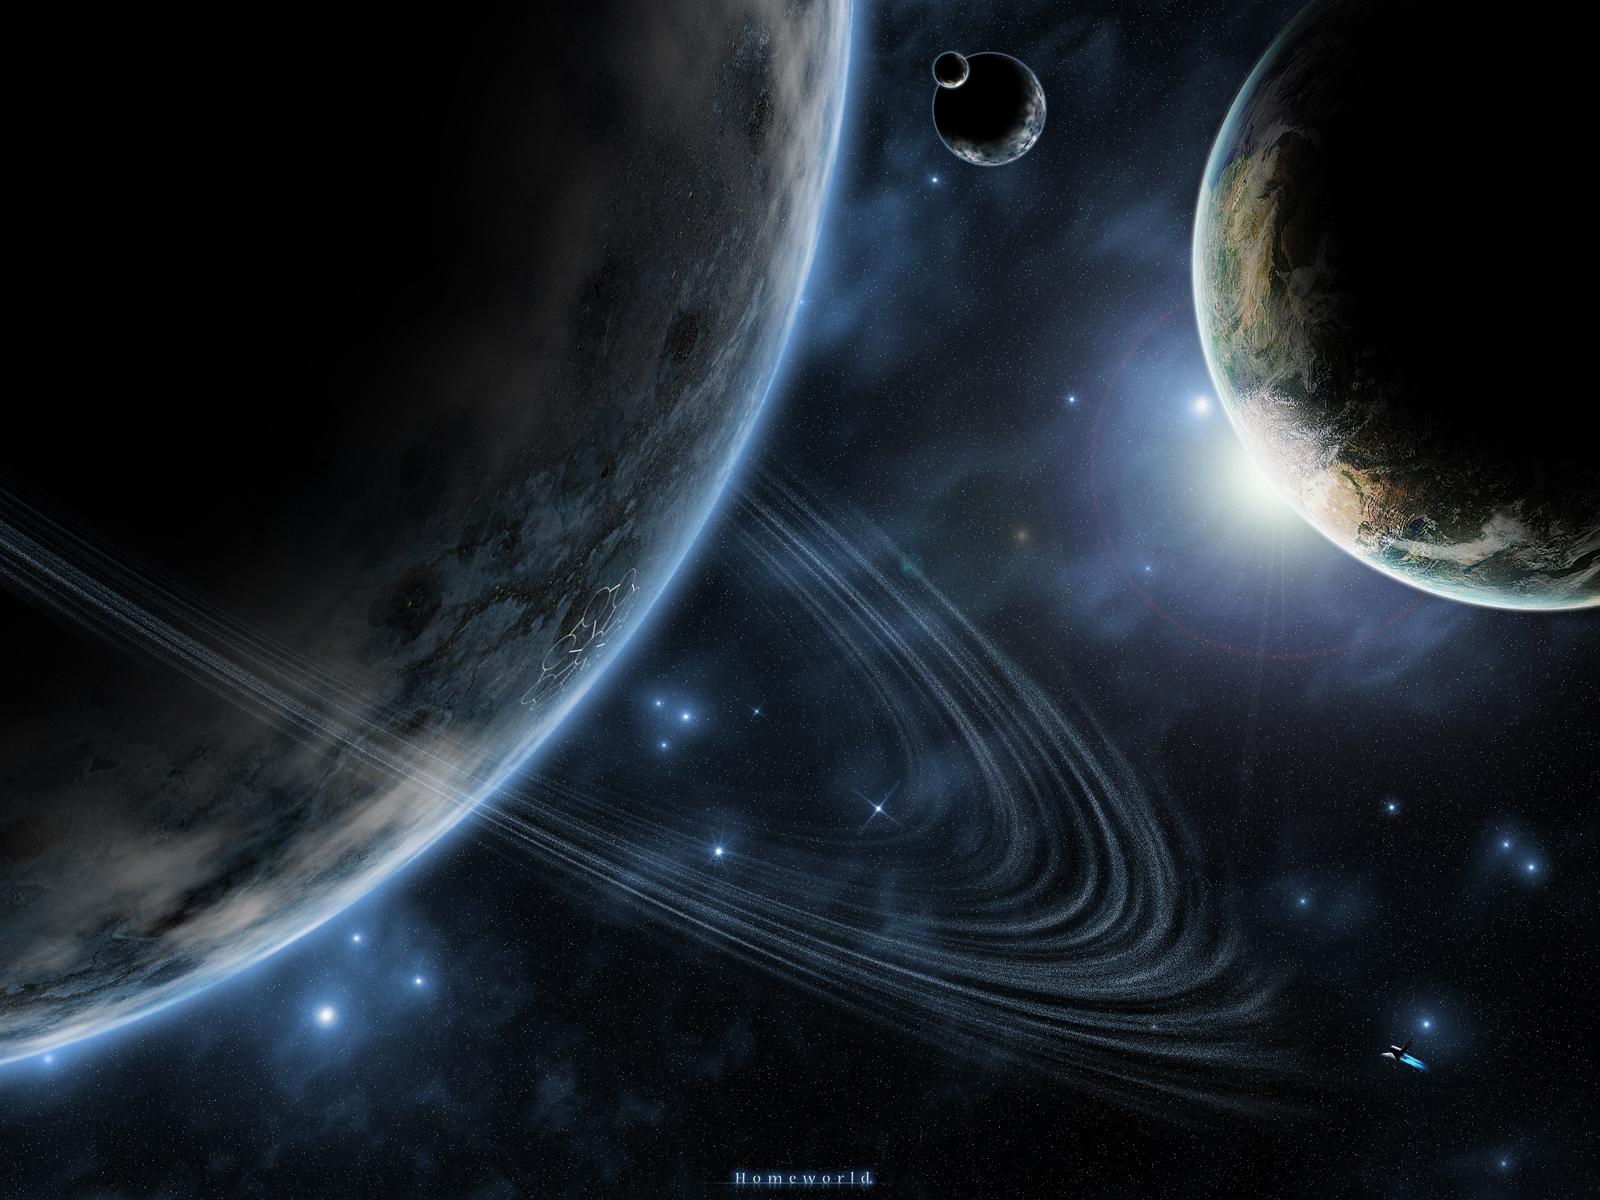 http://4.bp.blogspot.com/-yilN-mvt-o8/TbDAVulh8ZI/AAAAAAAAAKI/HNURPYEIeyE/s1600/espacio-1600x1200.jpg